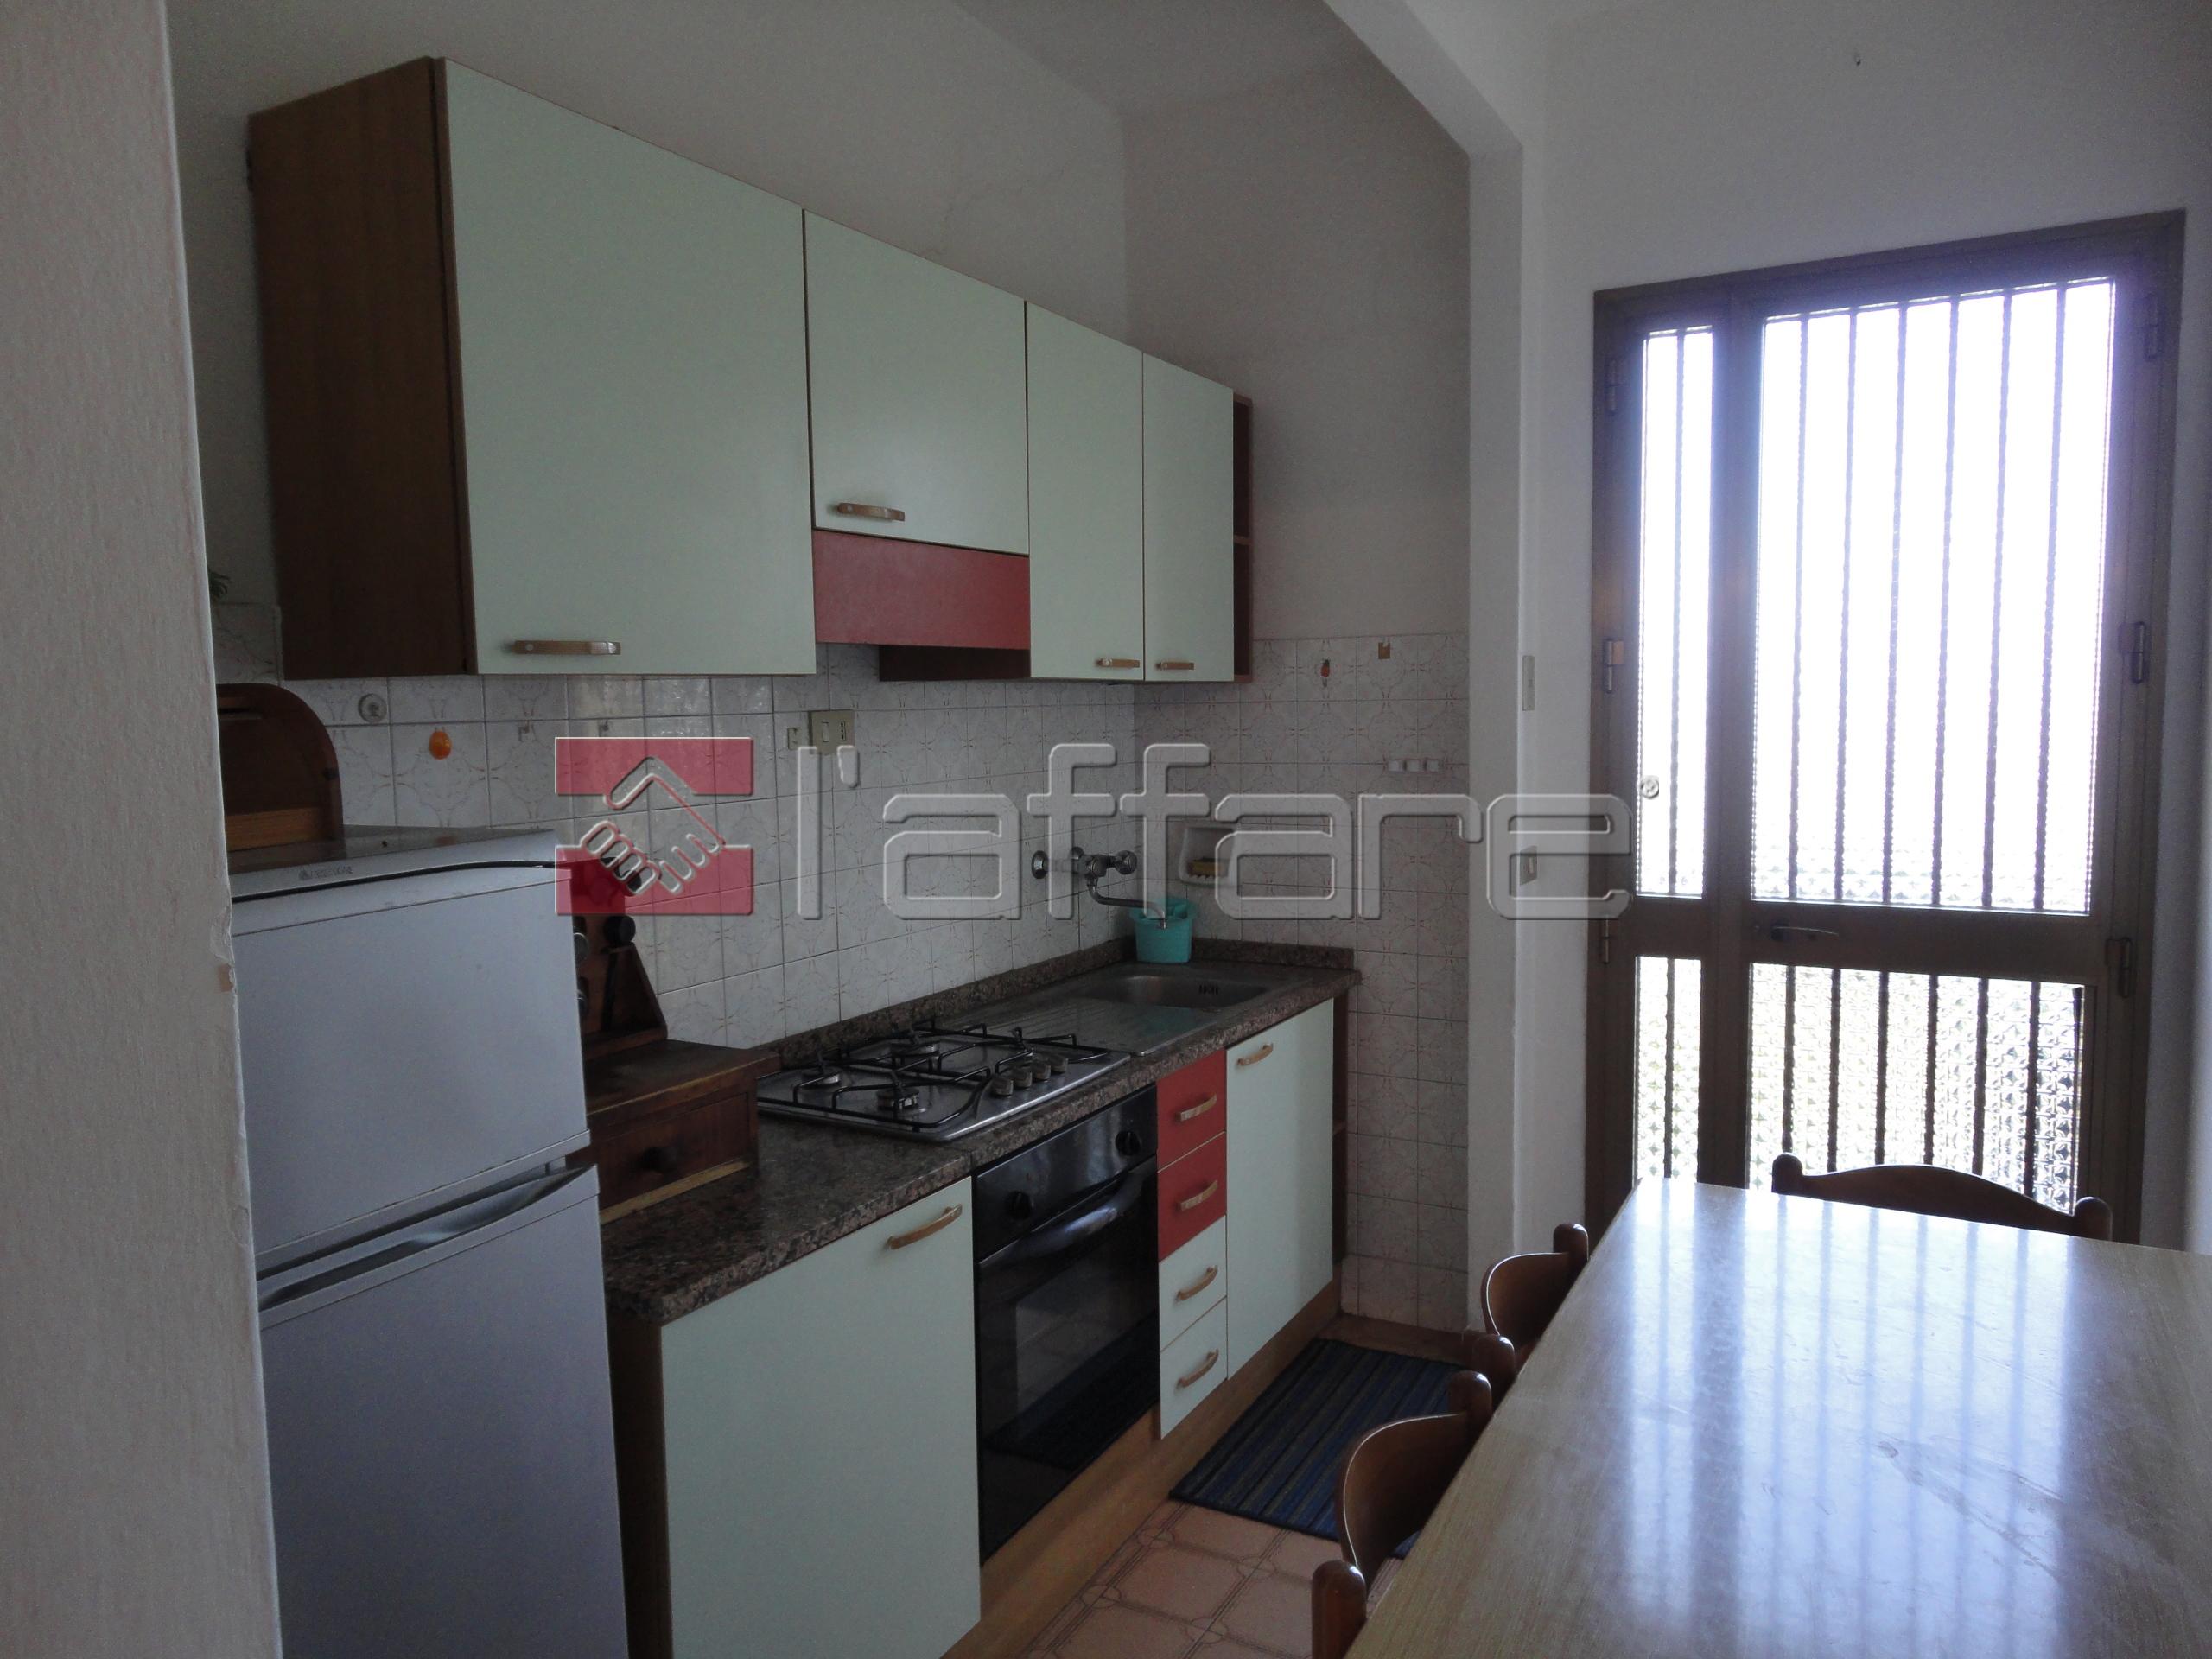 Appartamento in Affitto Capannoli San Pietro Belvedere l'affare, agenzia immobiliare toscana ...